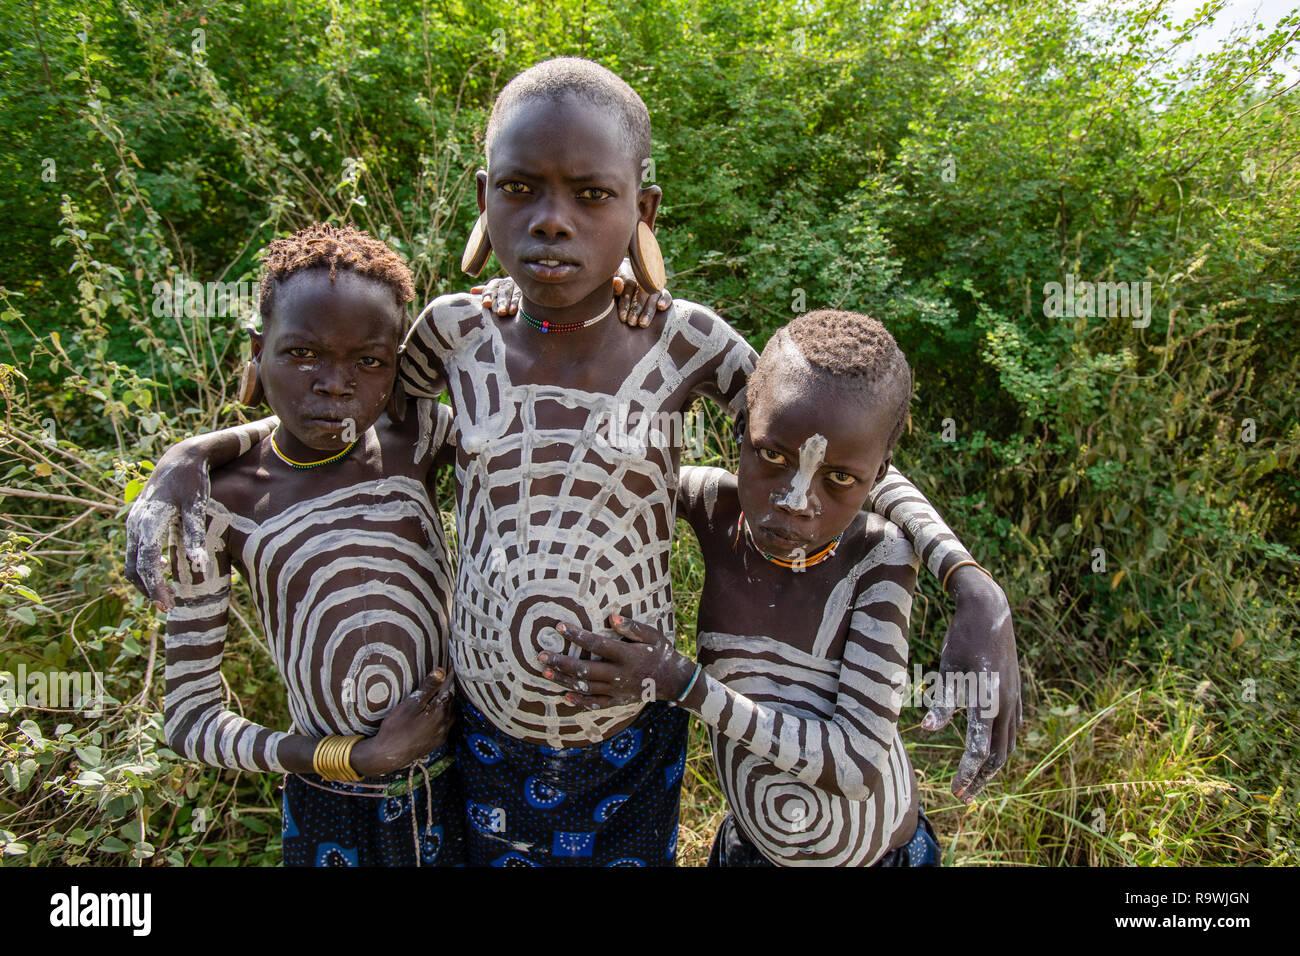 Mursi Tribe boys of Omo Valley, Ethiopia - Stock Image